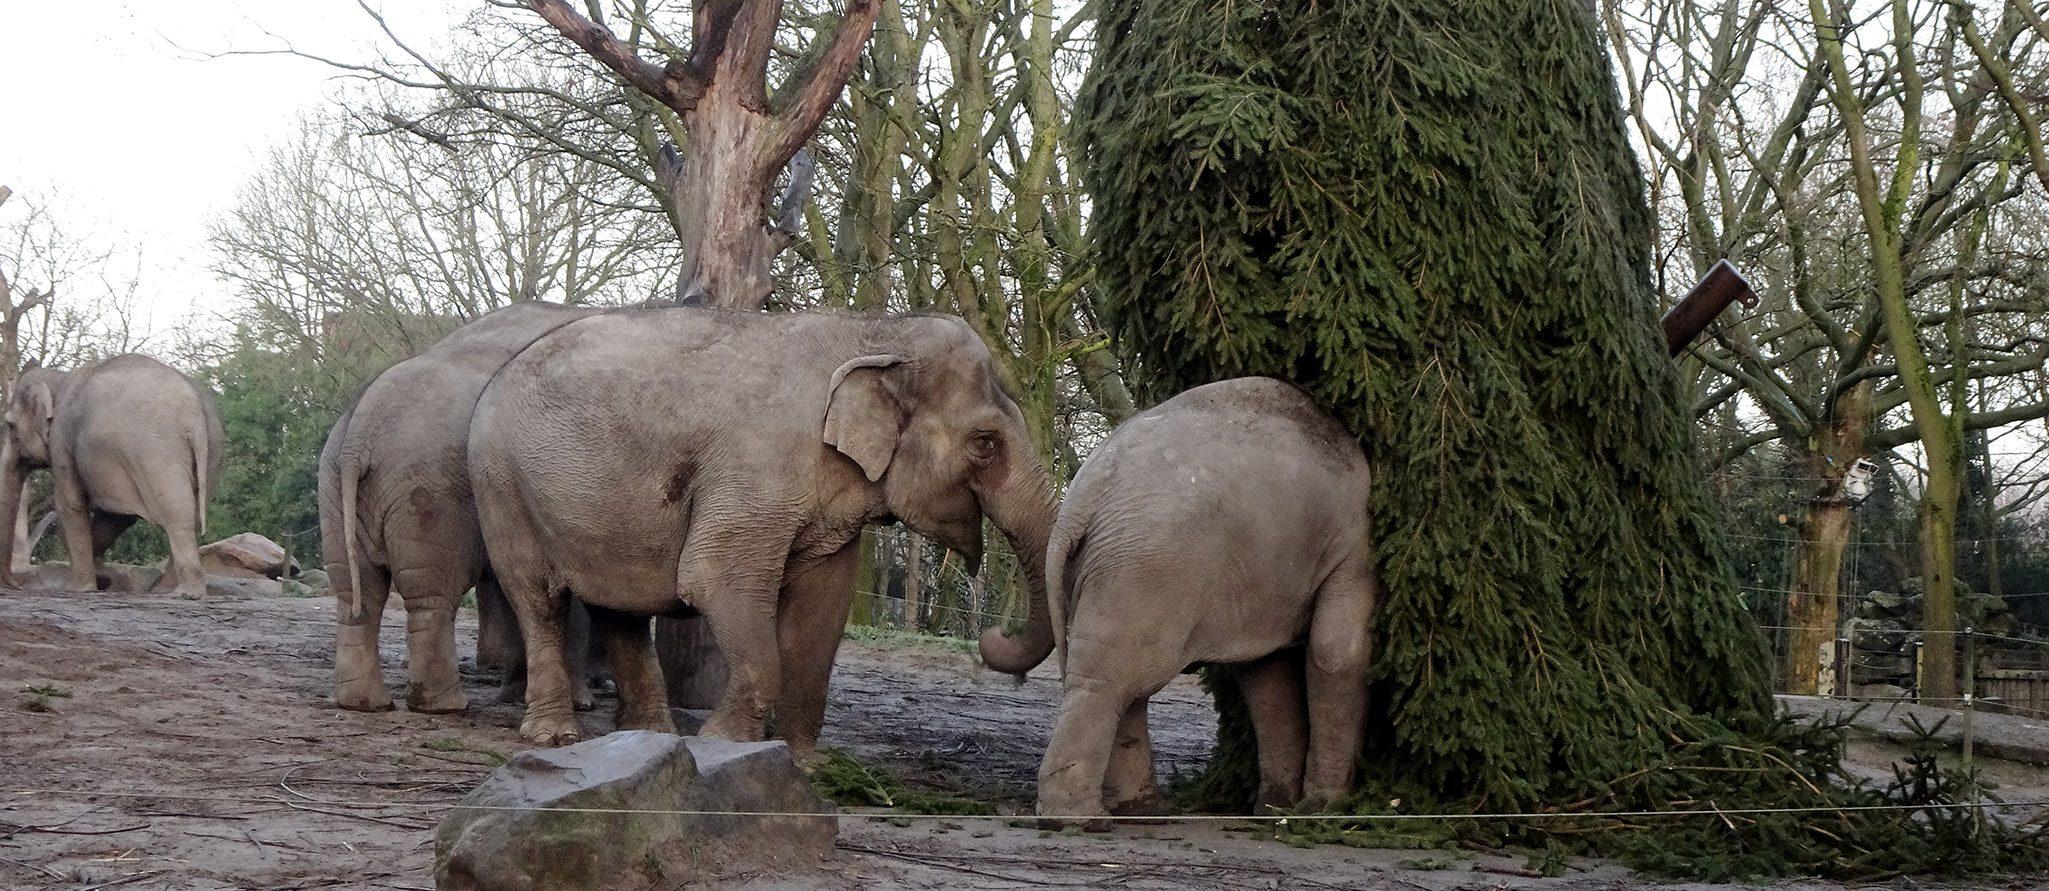 olifanten ontdekken nieuw speelmateriaal: kerstboom